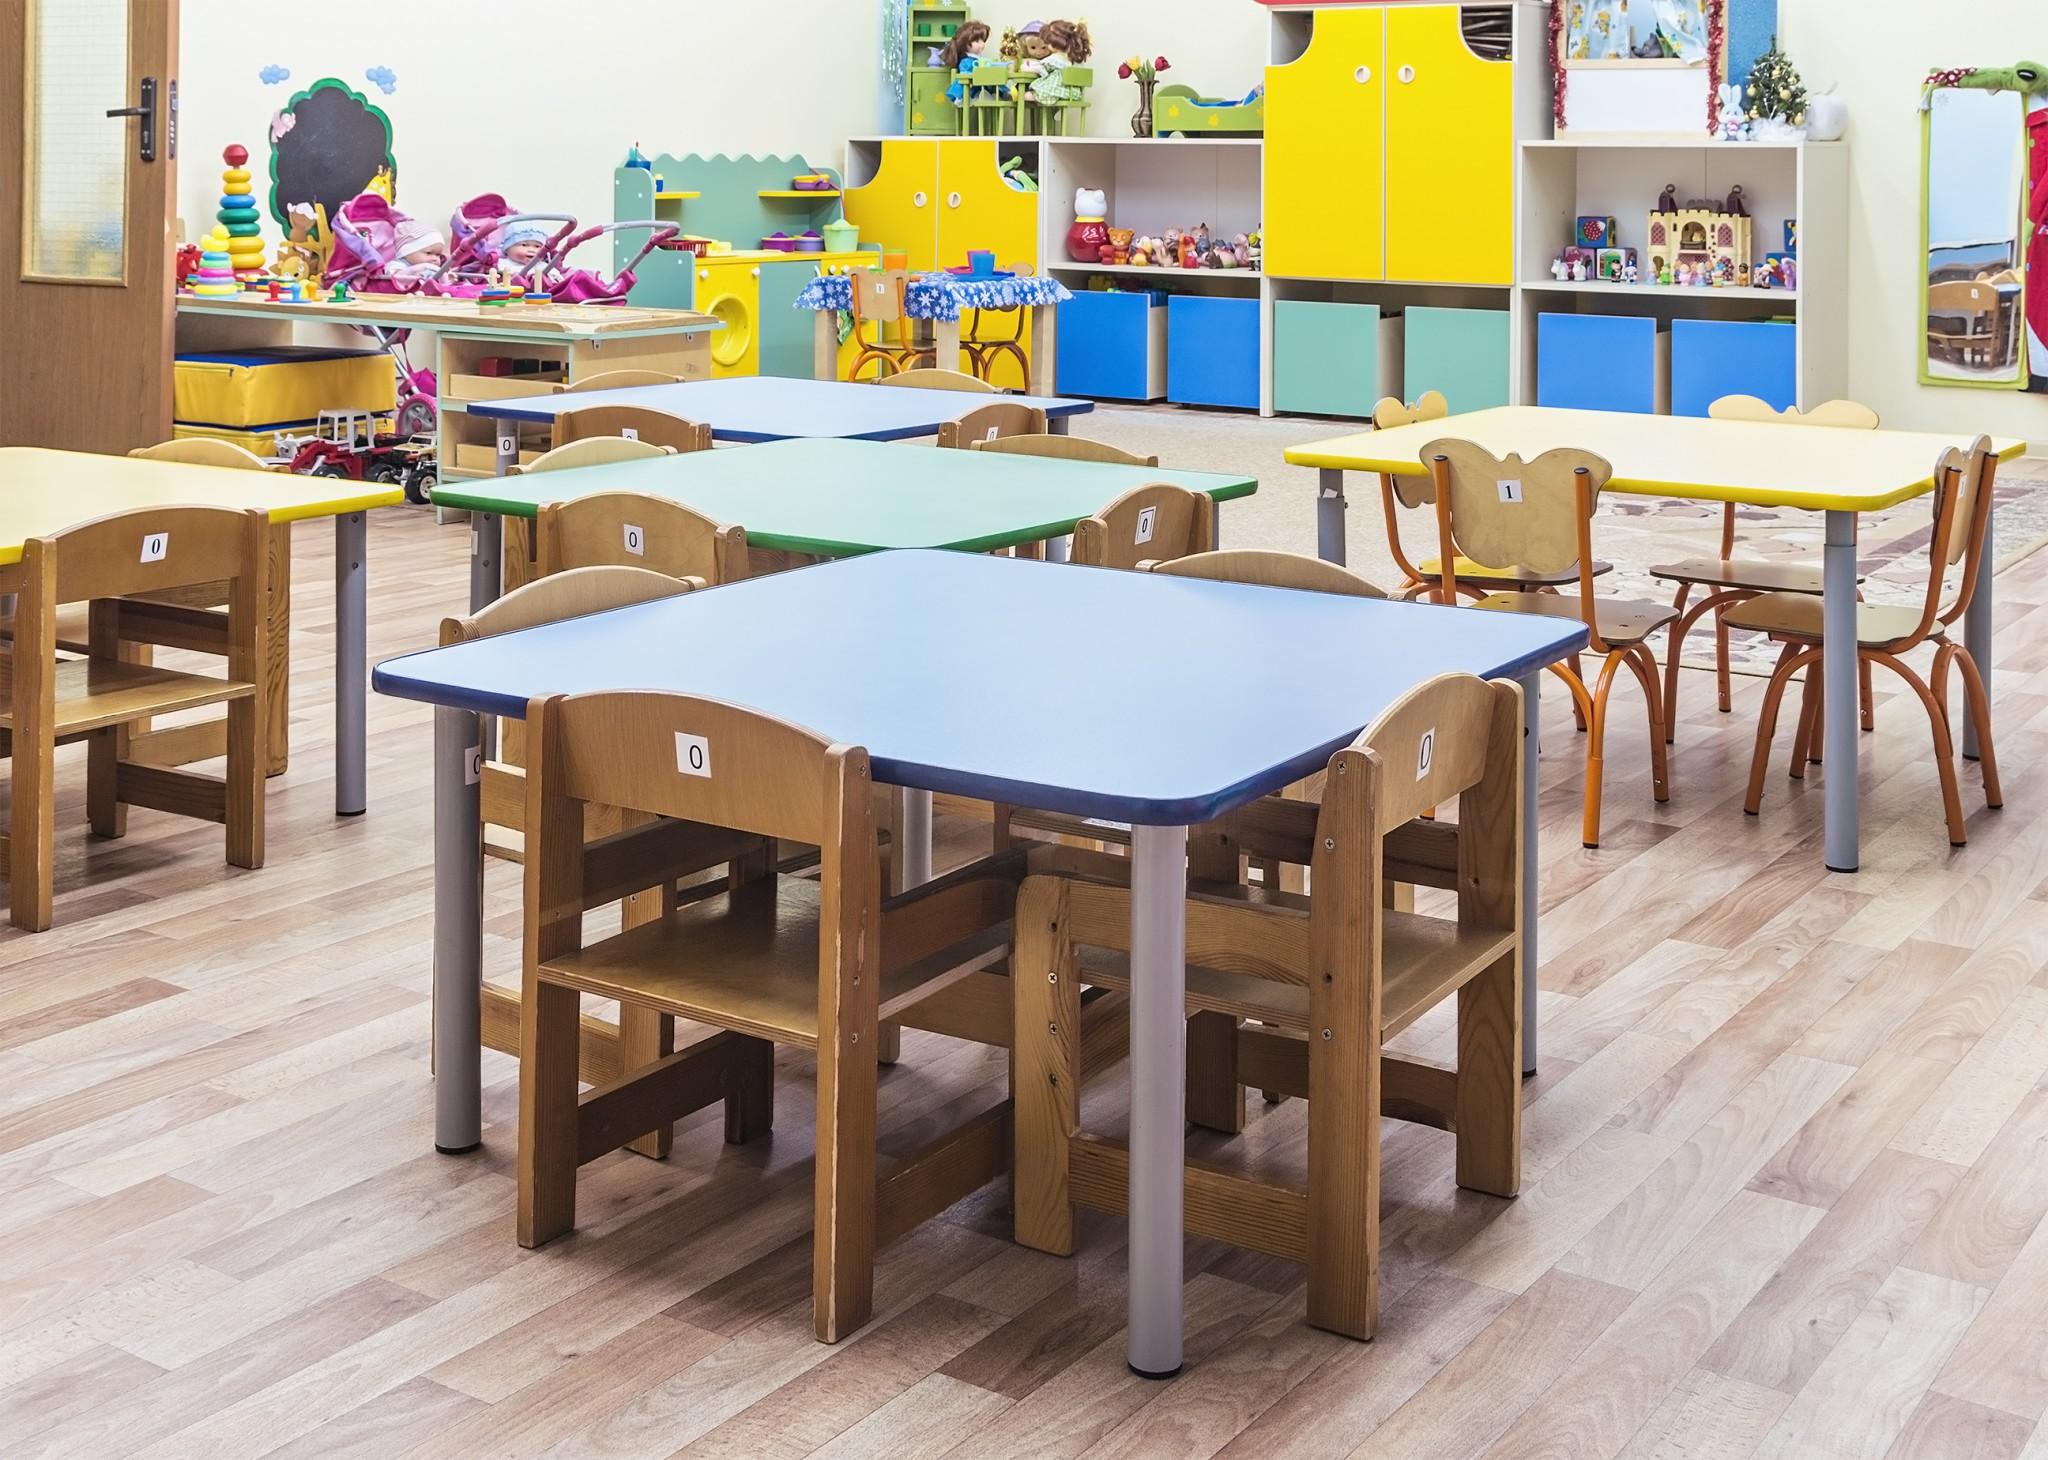 Städning på skolor & förskolor